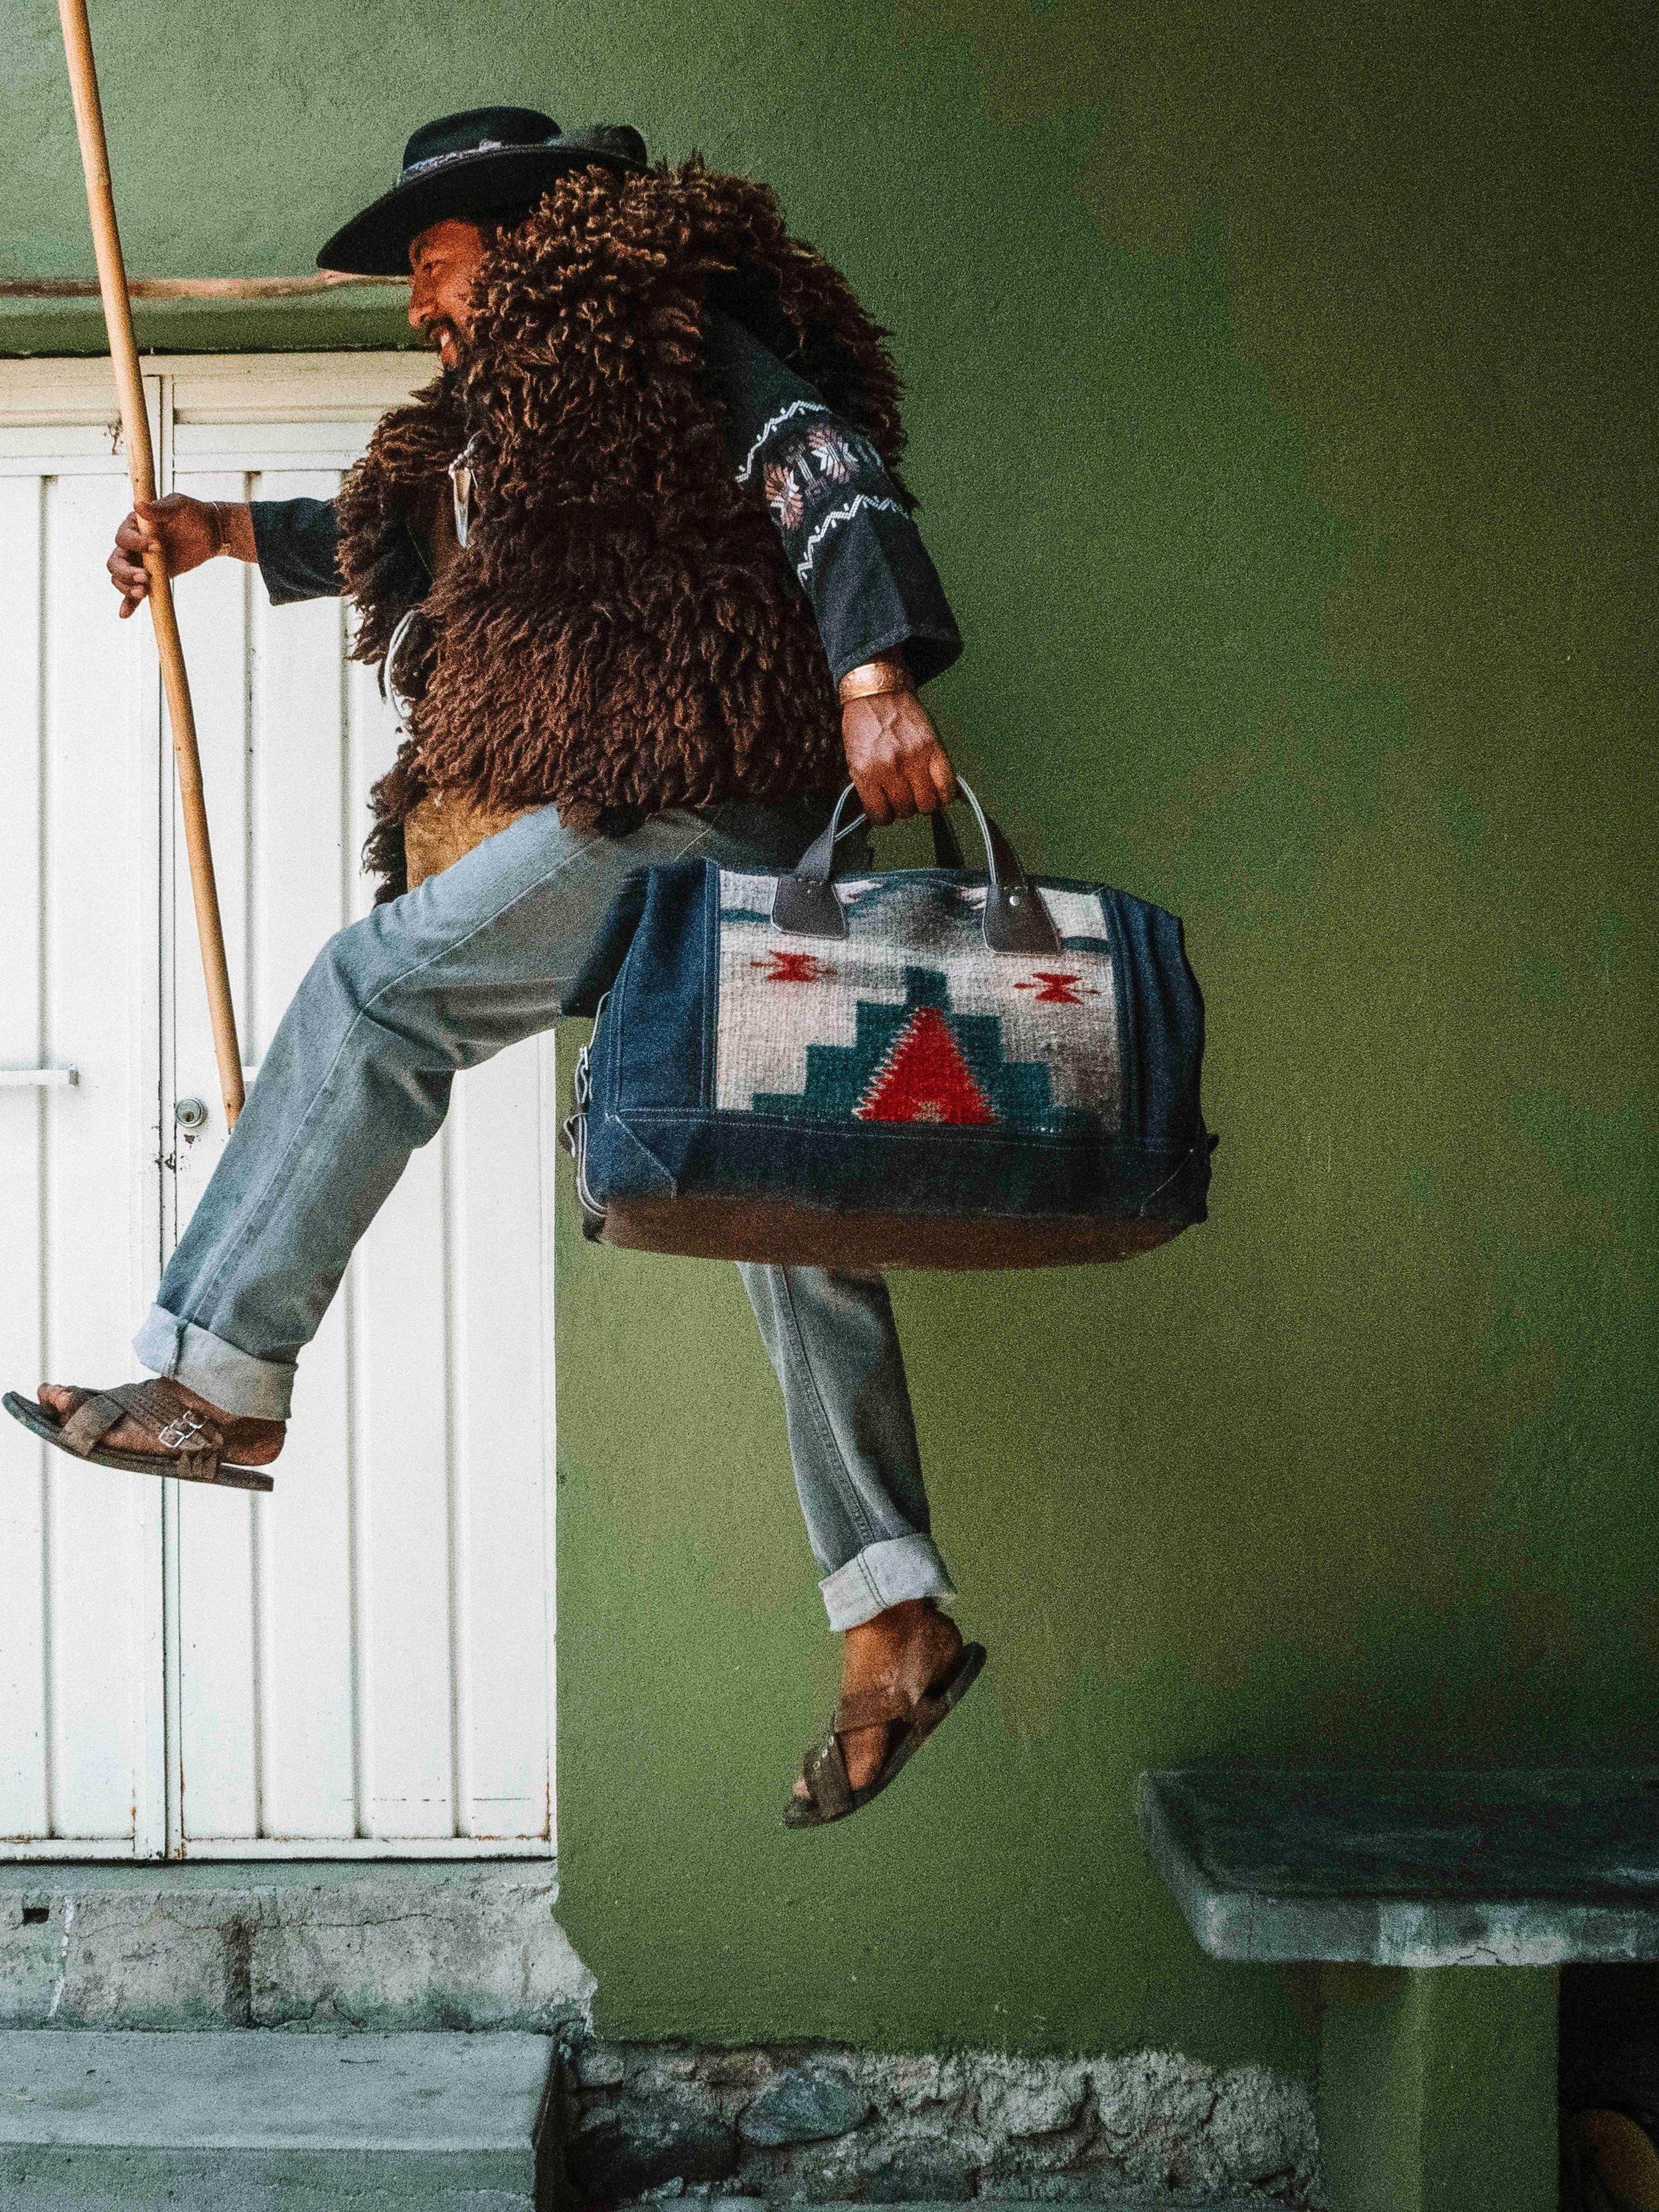 Sam+Jump+12.12.55.jpg